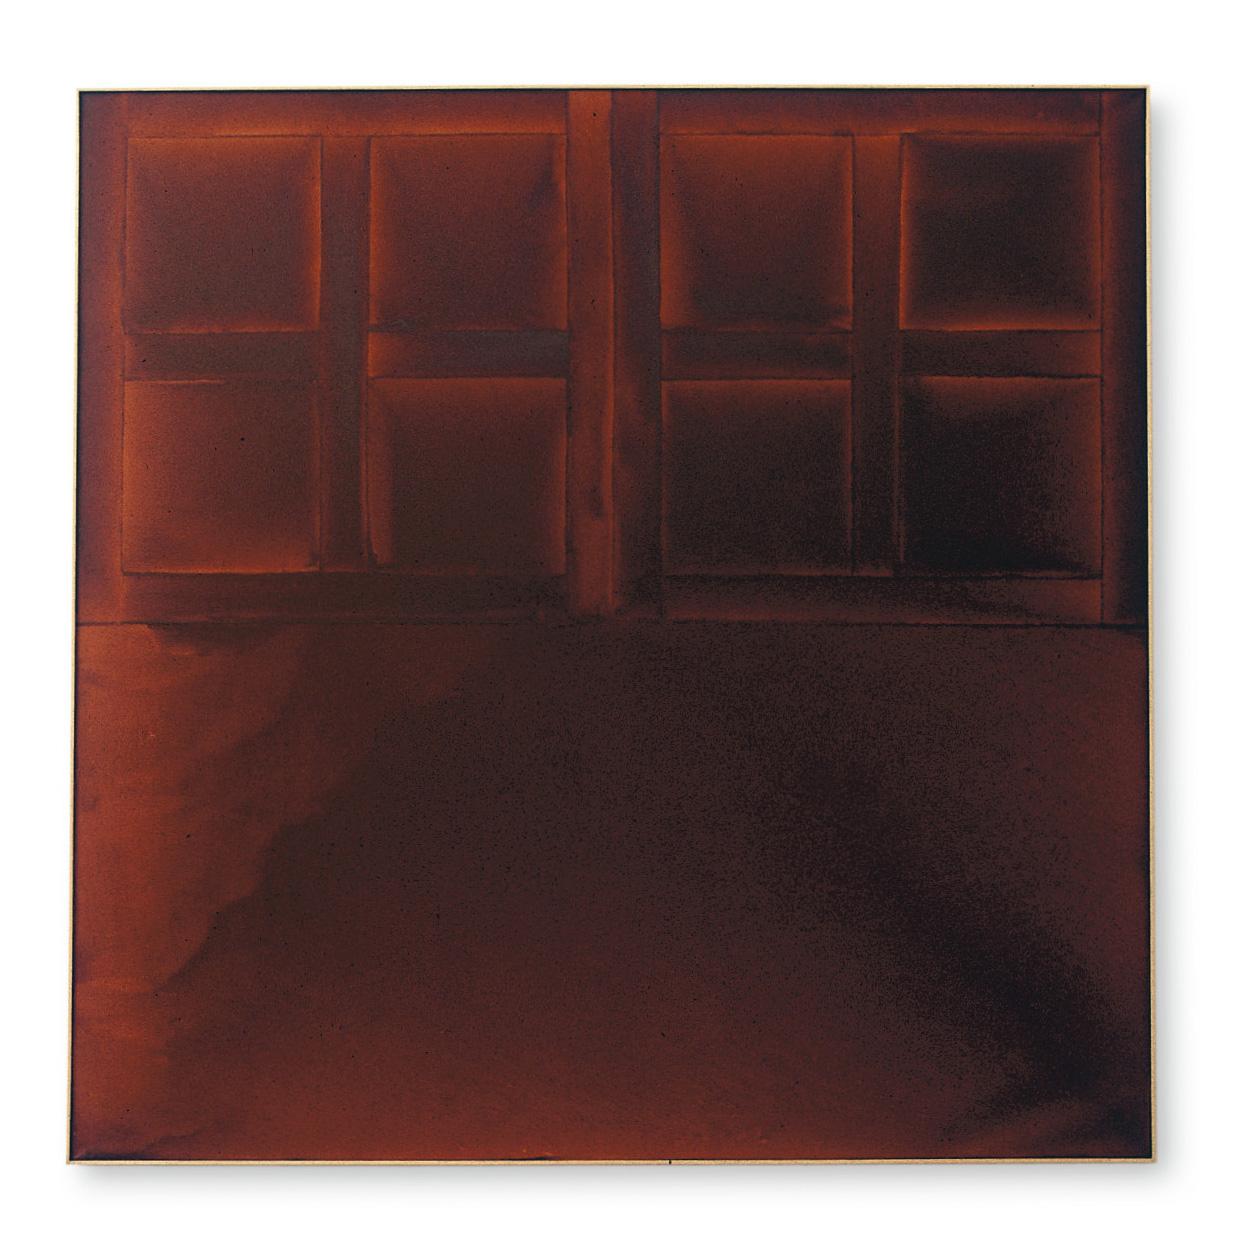 James Bishop (né en 1927), State, 1972, huile sur toile, 182,9x183,2cm, détail.